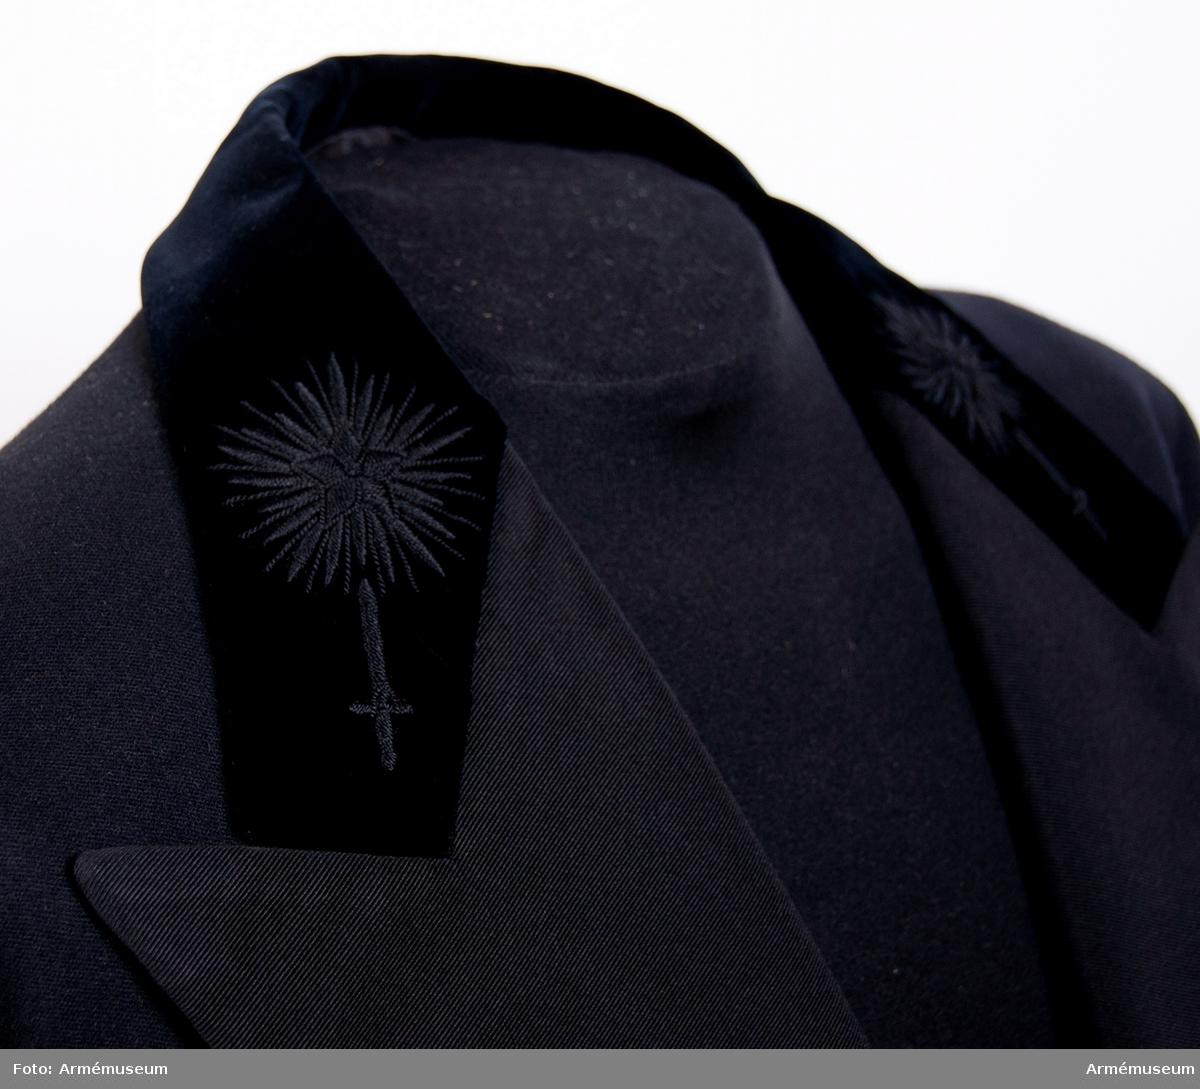 Grupp C I. Bestående av: frack sydd 1940, långbyxor, väst, svart, väst, vit. 1812 års uniform för krigskollegium.